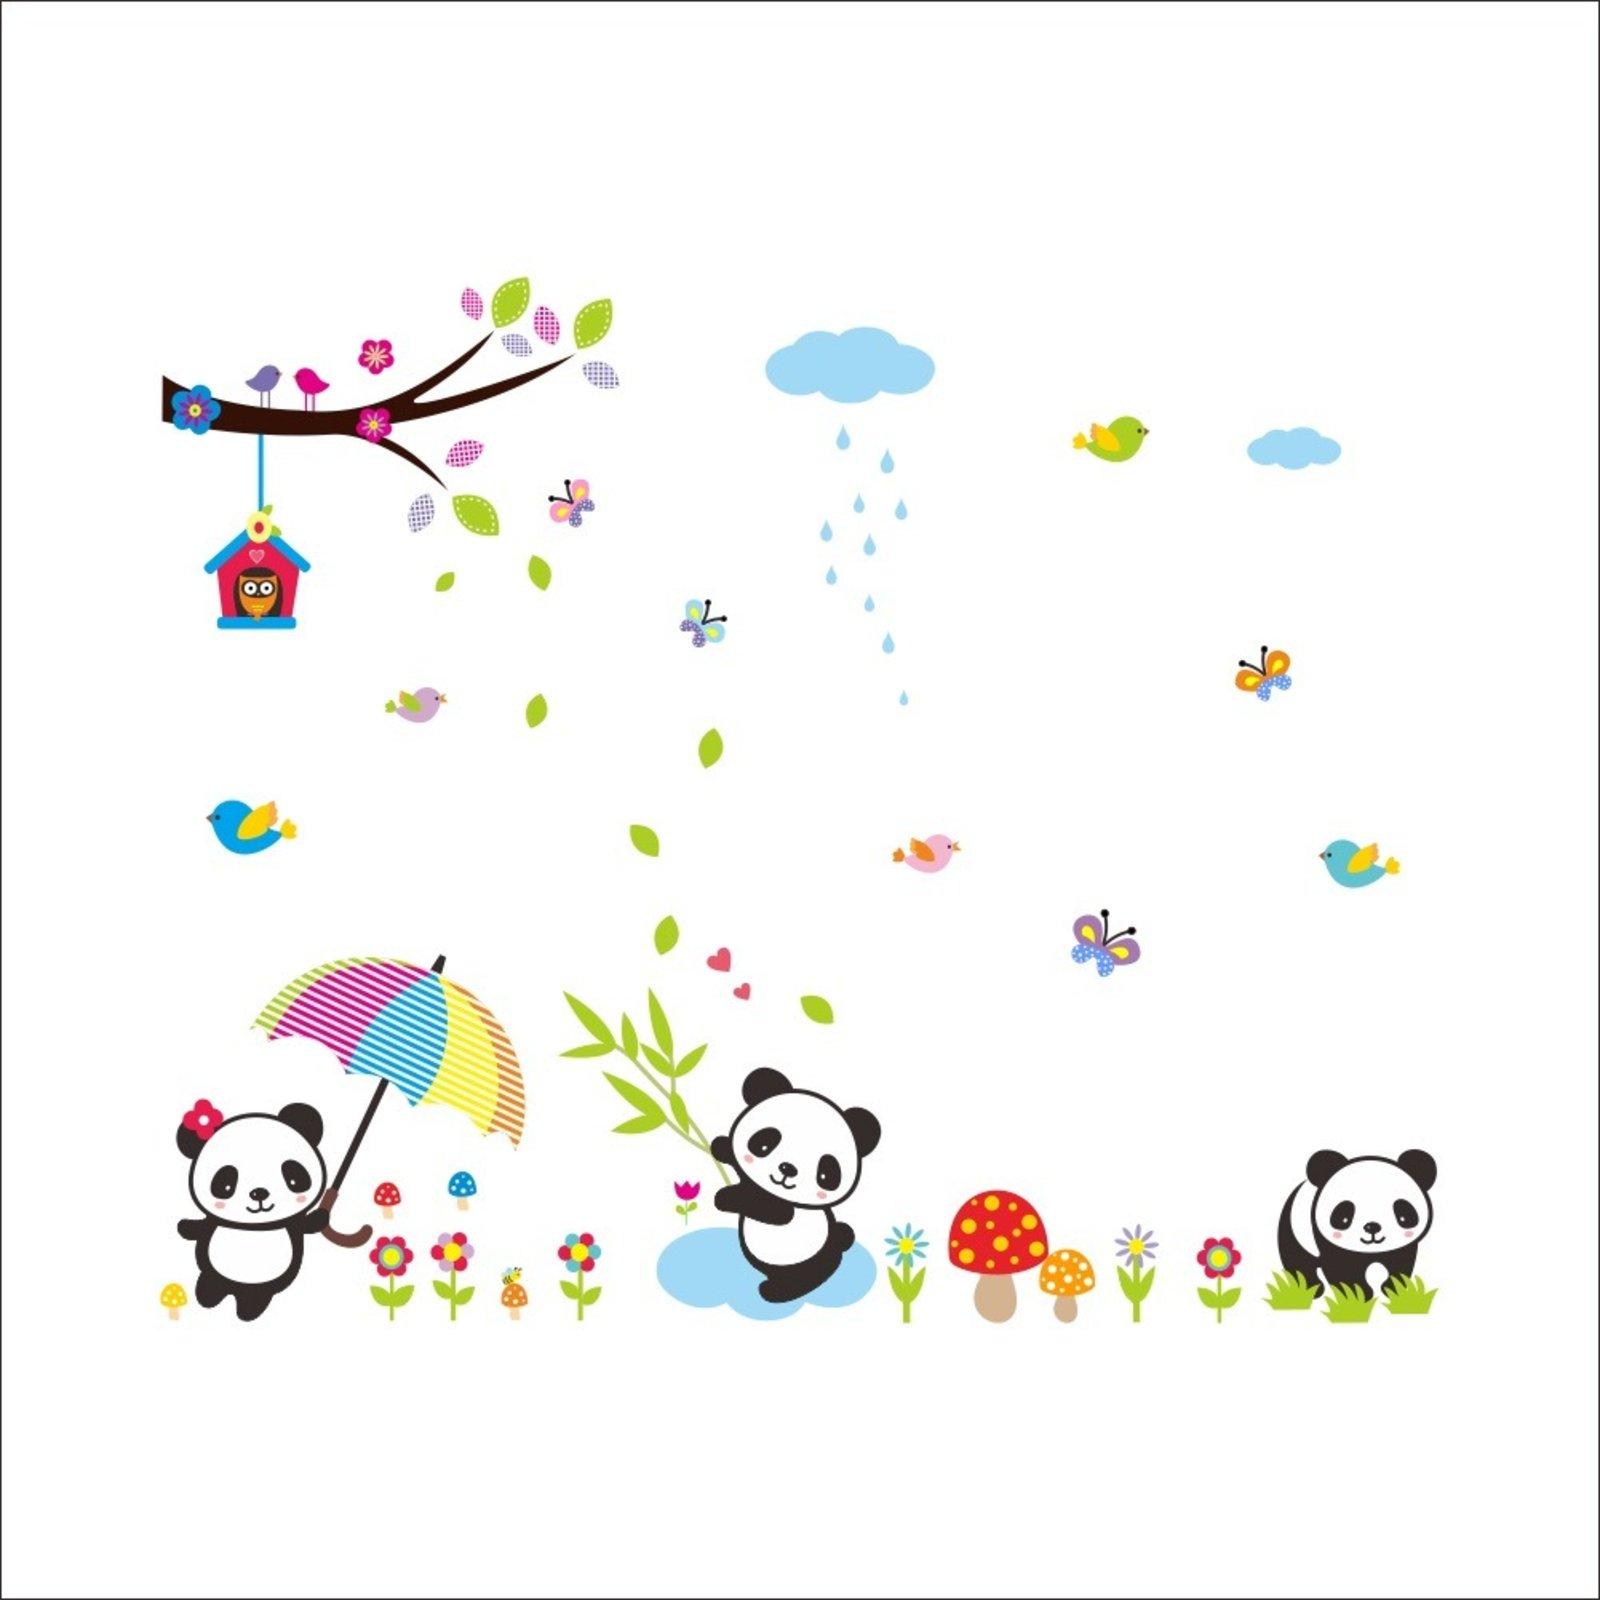 Adesivo De Parede Divanet Urso Panda Bebe Colorido Compre Agora